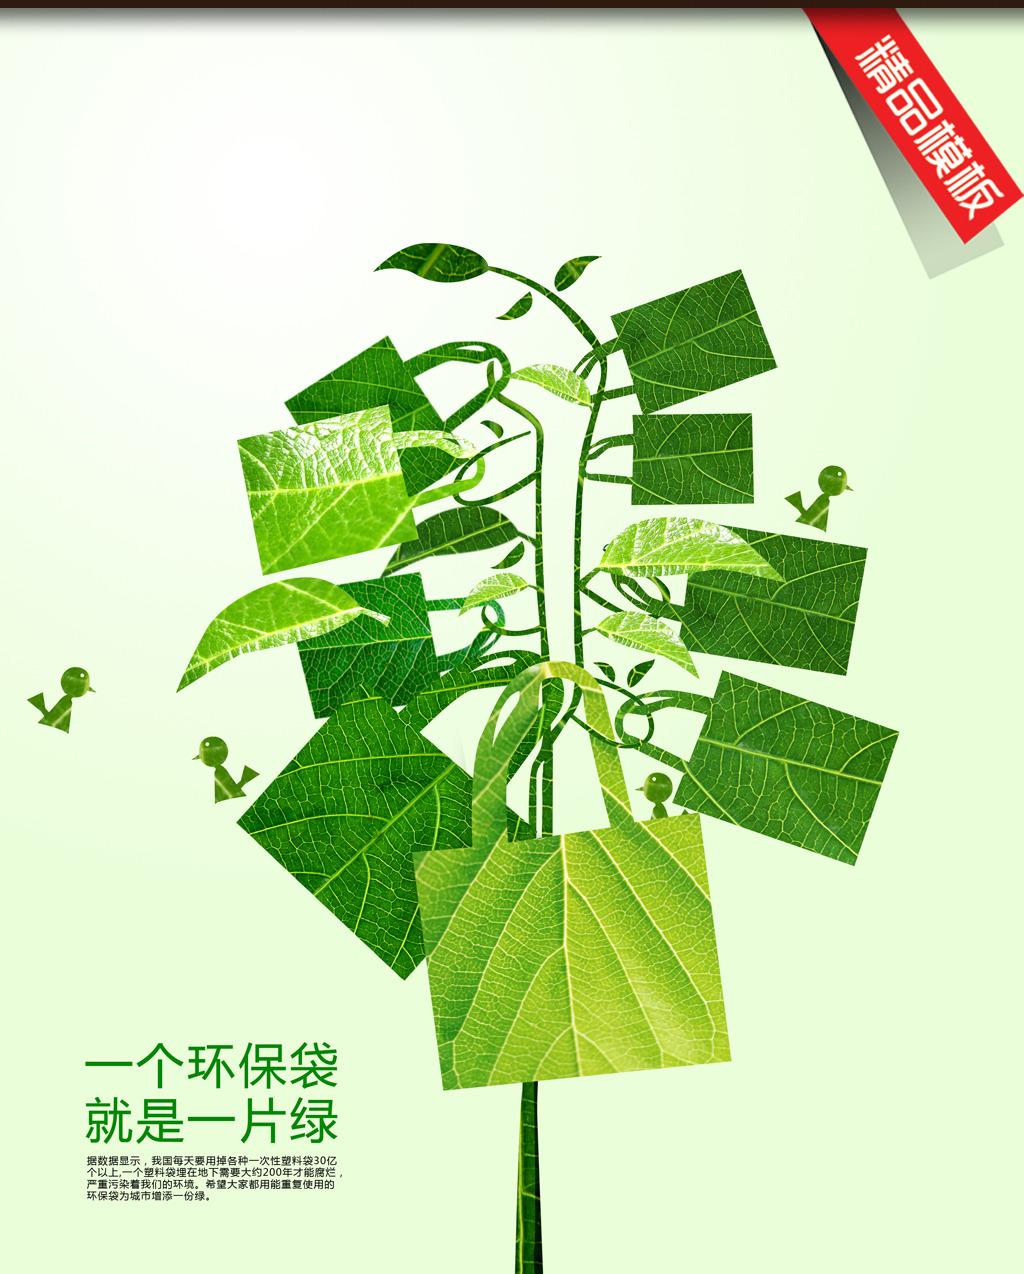 人与自然 节能减排 公益 宣传画 环境保护展板 节约能源 环保标志